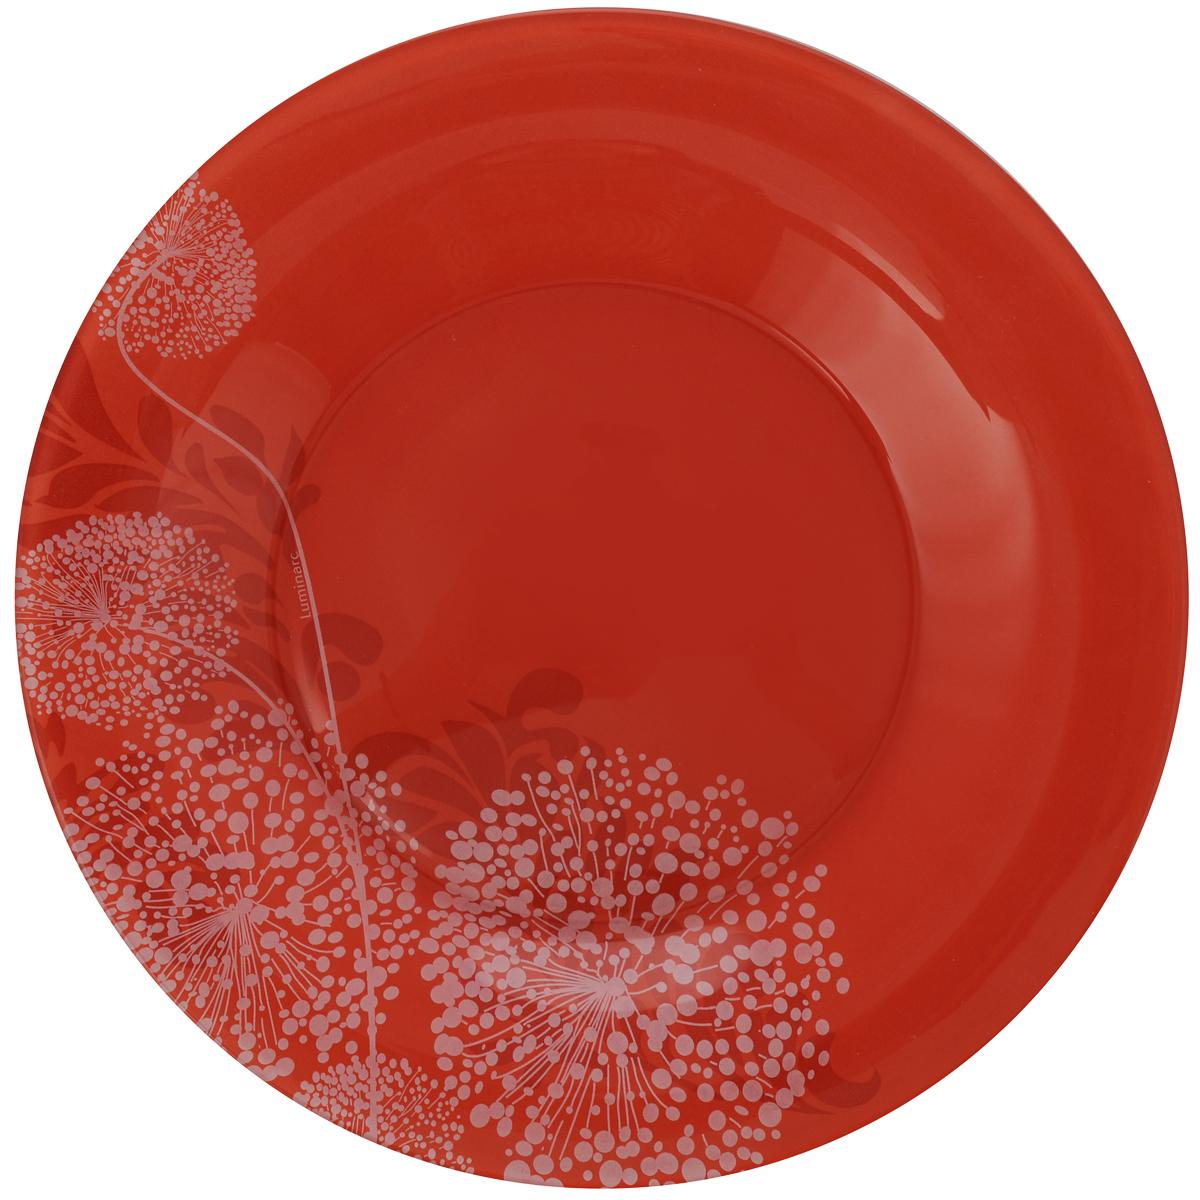 Тарелка десертная Luminarc Piume, диамтер 20 см54 009312Десертная тарелка Luminarc Piume, изготовленная из ударопрочного стекла, декорирована оригинальным рисунком. Такая тарелка прекрасно подходит как для торжественных случаев, так и для повседневного использования. Идеальна для подачи десертов, пирожных, тортов и многого другого. Она прекрасно оформит стол и станет отличным дополнением к вашей коллекции кухонной посуды. Диаметр тарелки (по верхнему краю): 20 см.